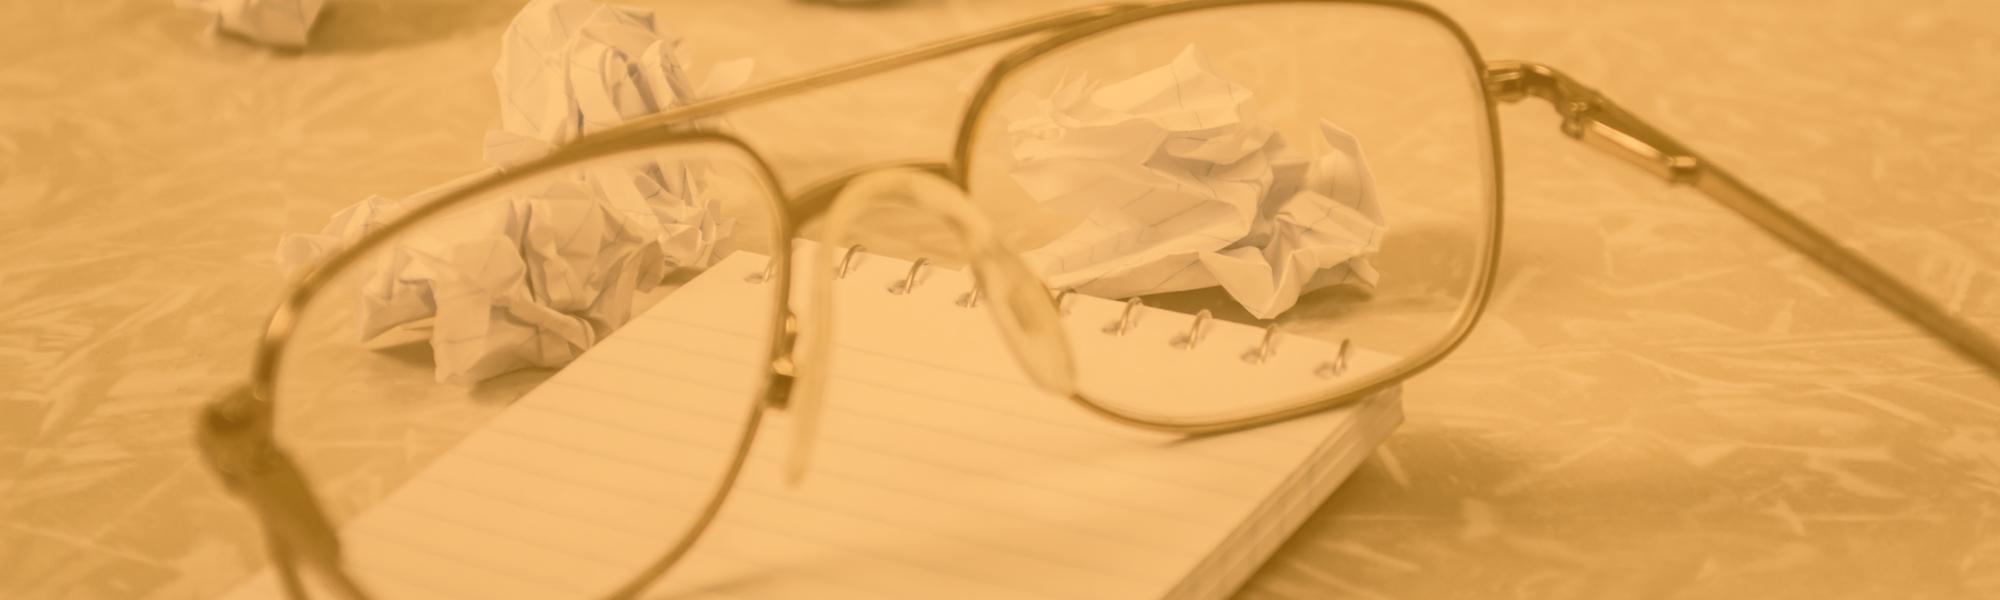 87 Ideas de posts reales, prácticas y que puedes usar ya mismo para escribir